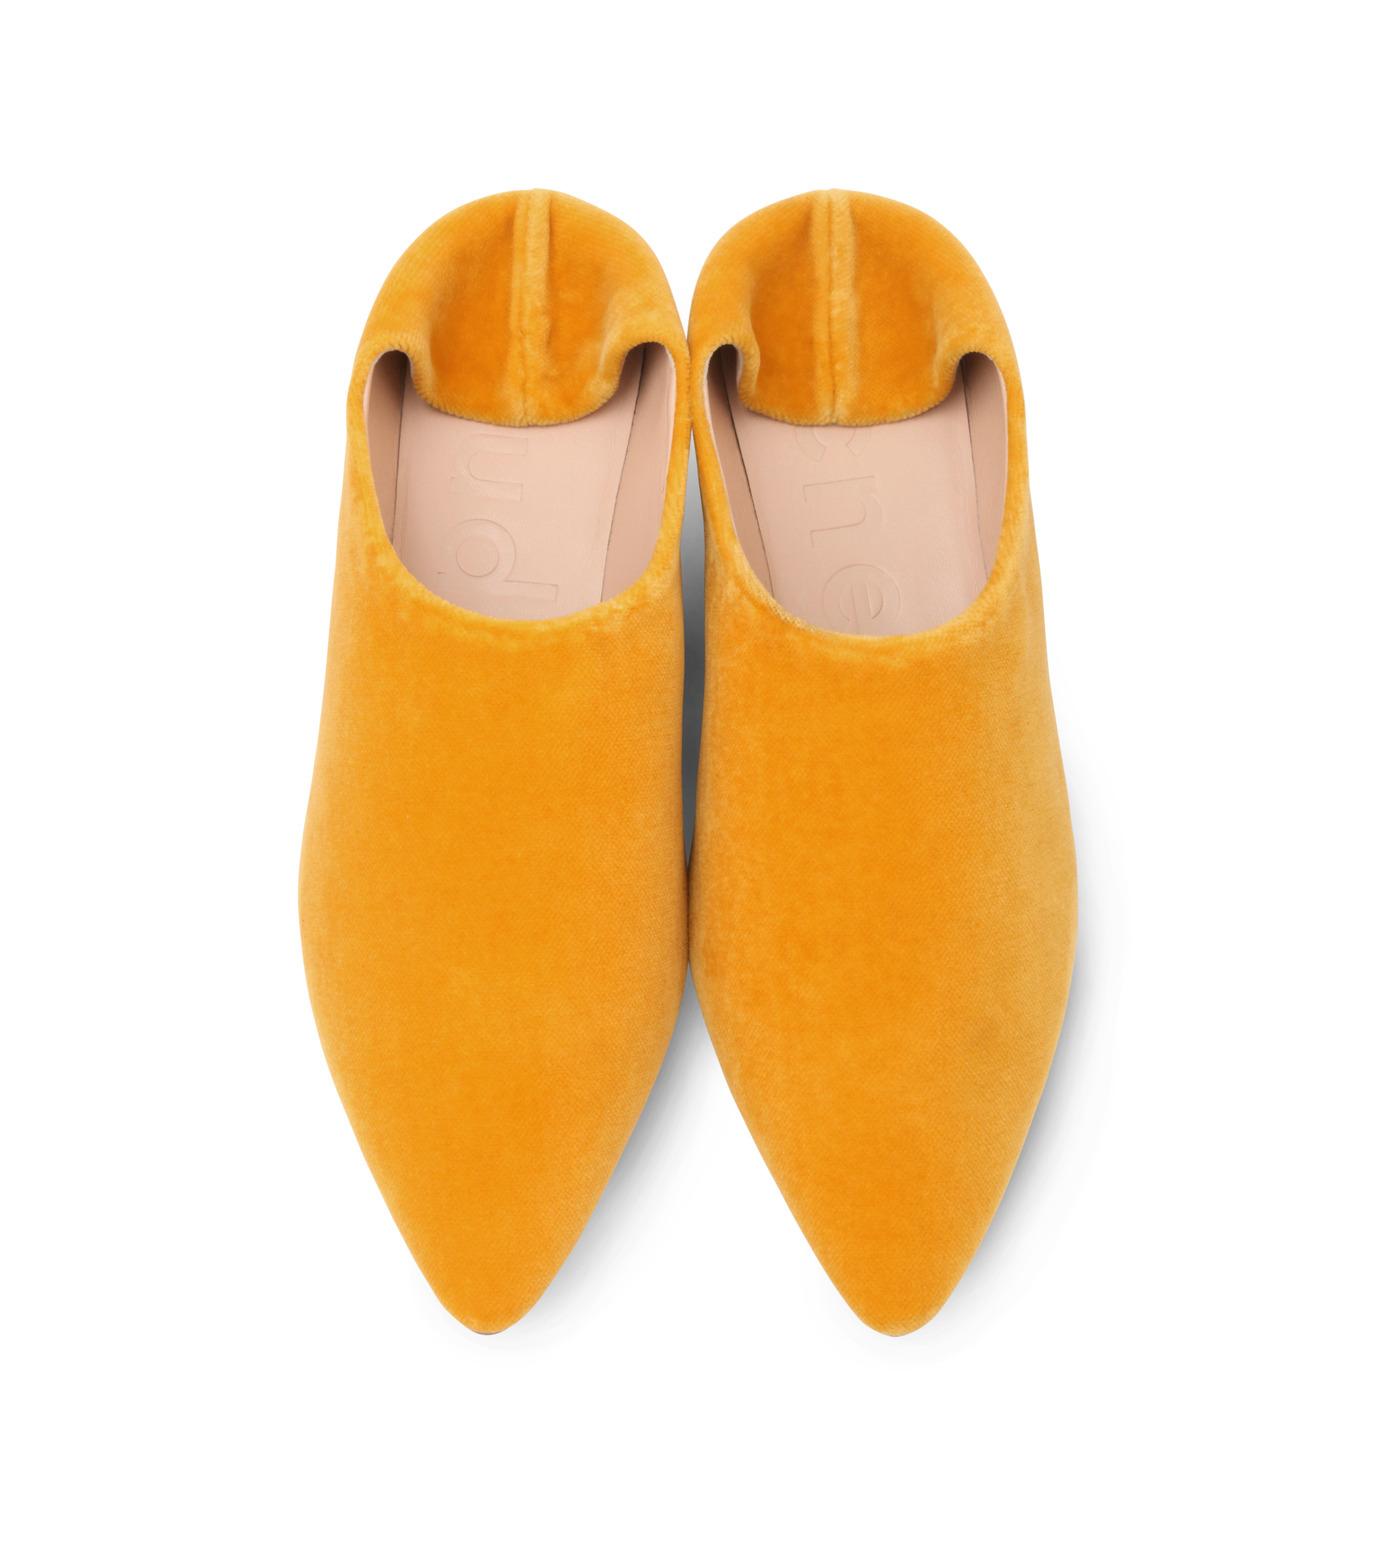 ACNE STUDIOS(アクネ ストゥディオズ)のSlipper Velvet-YELLOW(フラットシューズ/Flat shoes)-1EFC66-32 拡大詳細画像5